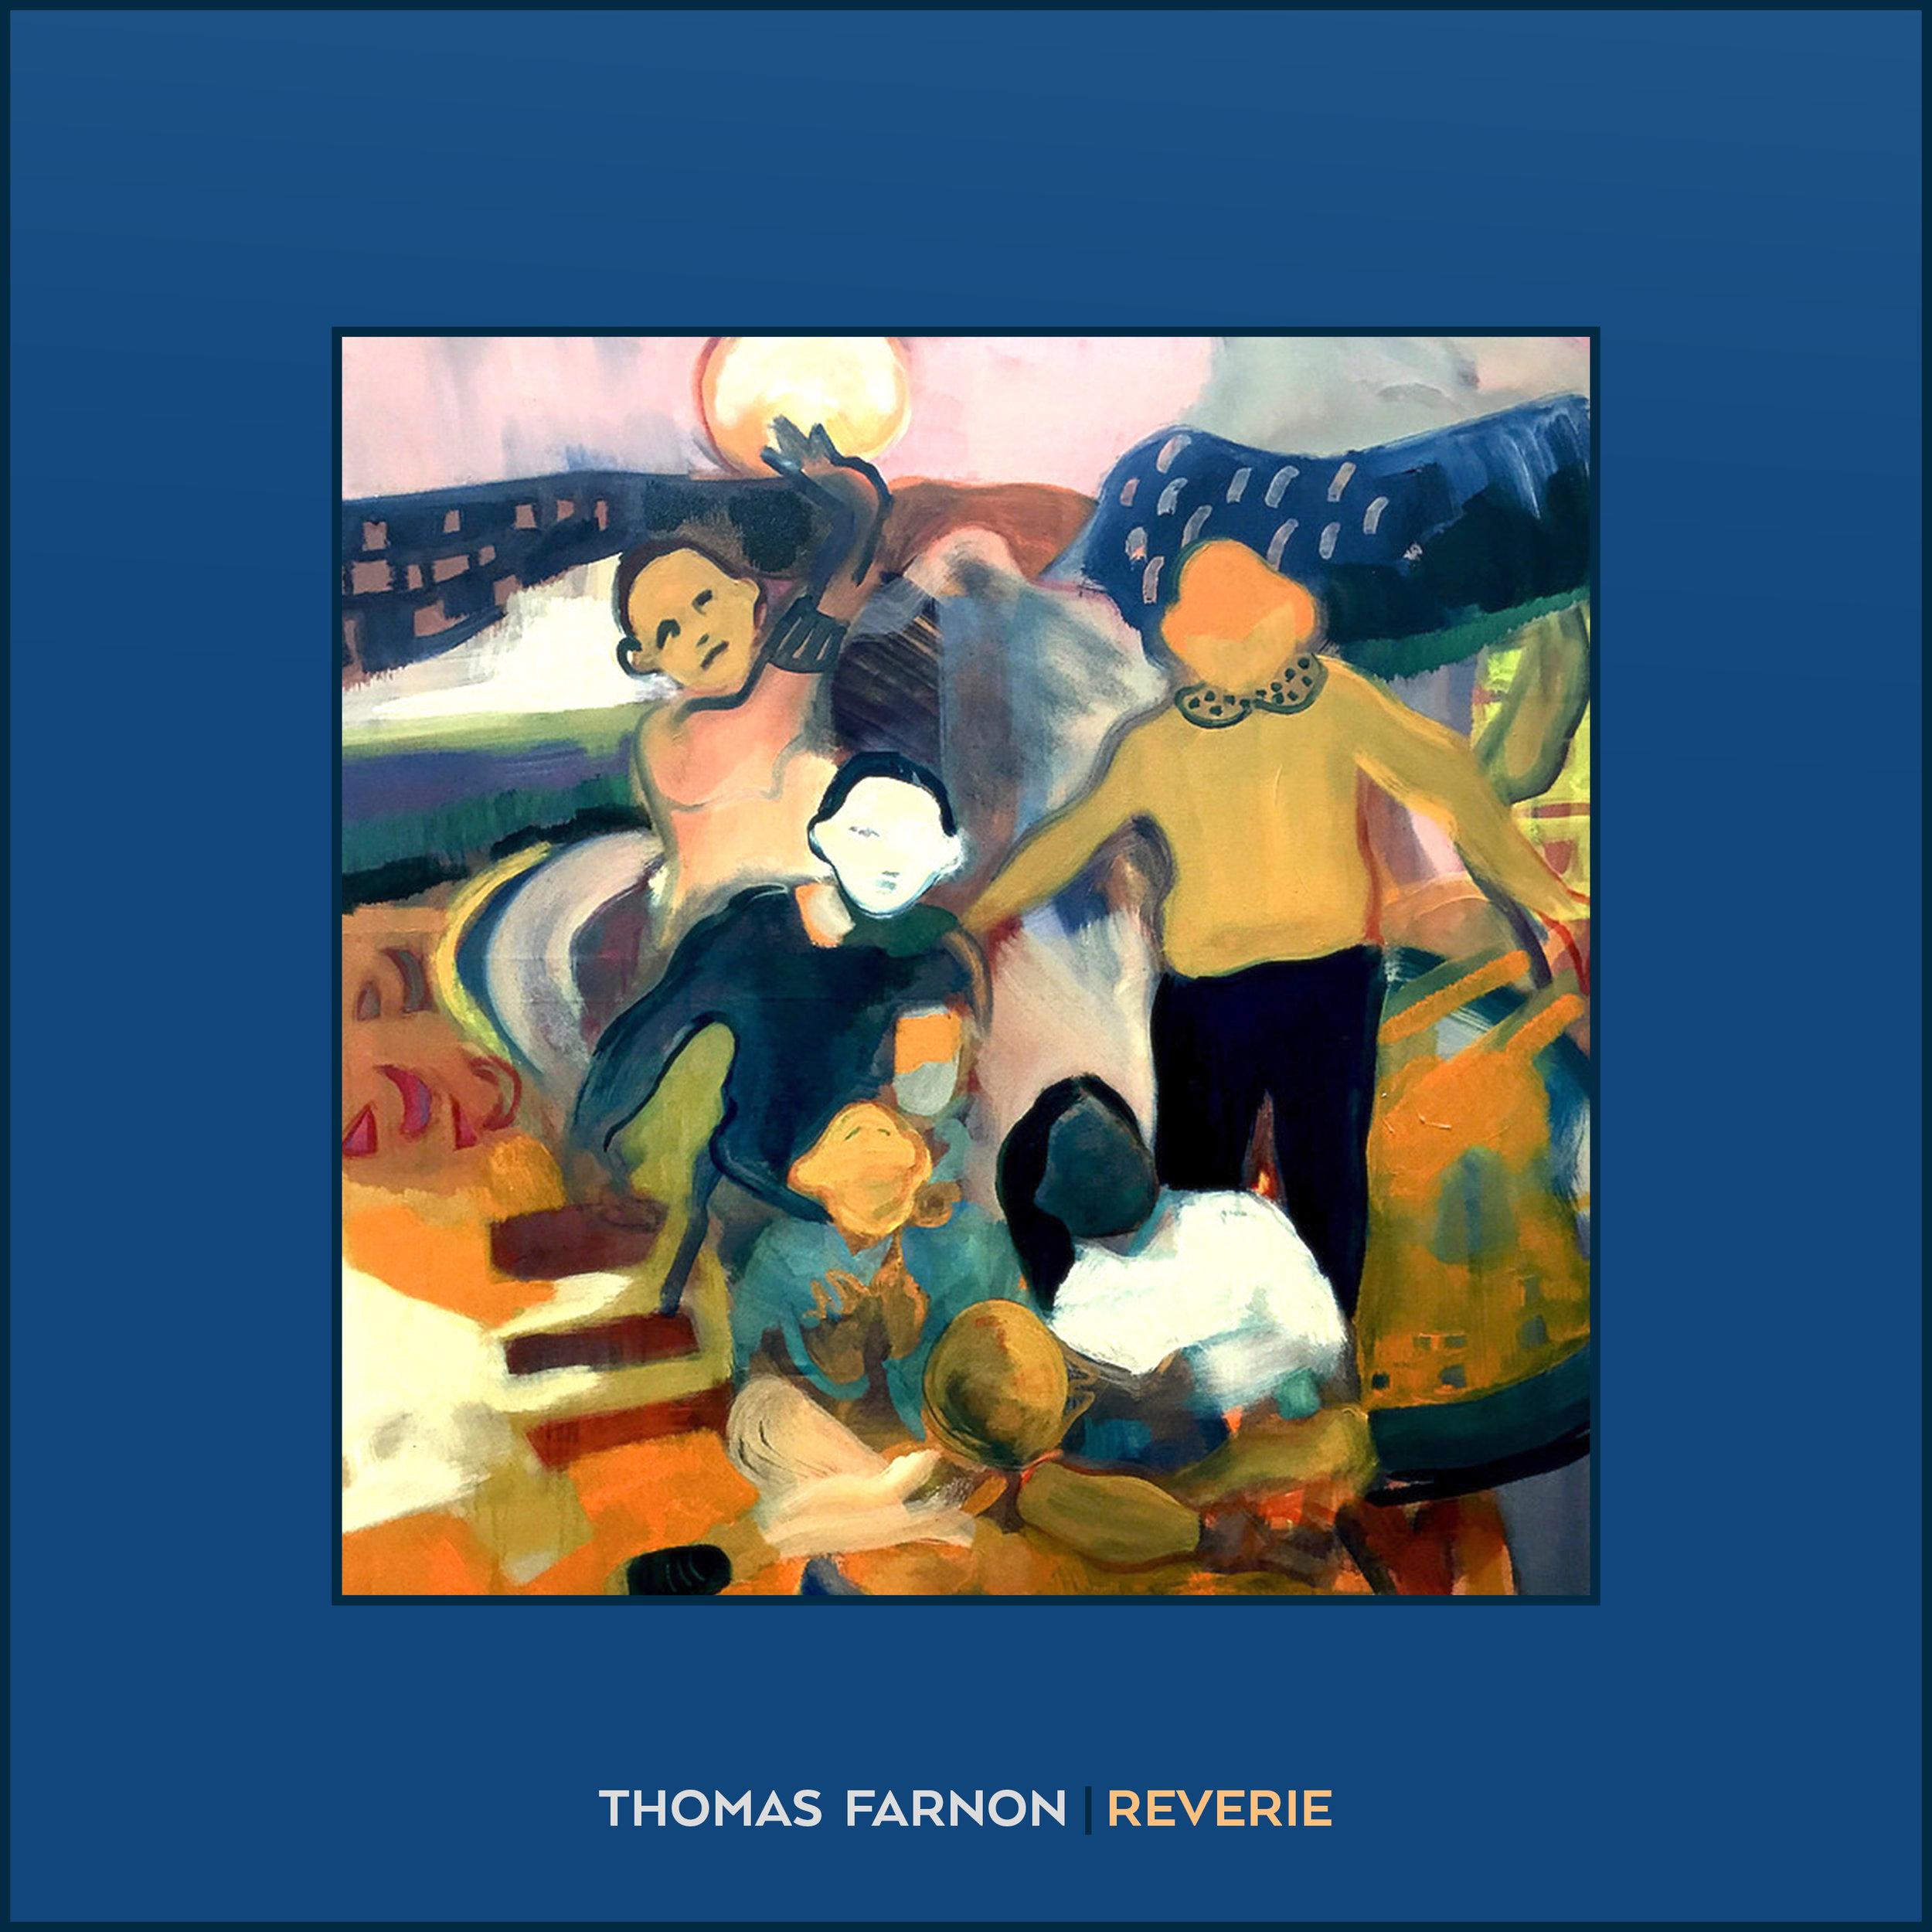 ThomasFarnon-Reverie-3000X3000PX.jpg